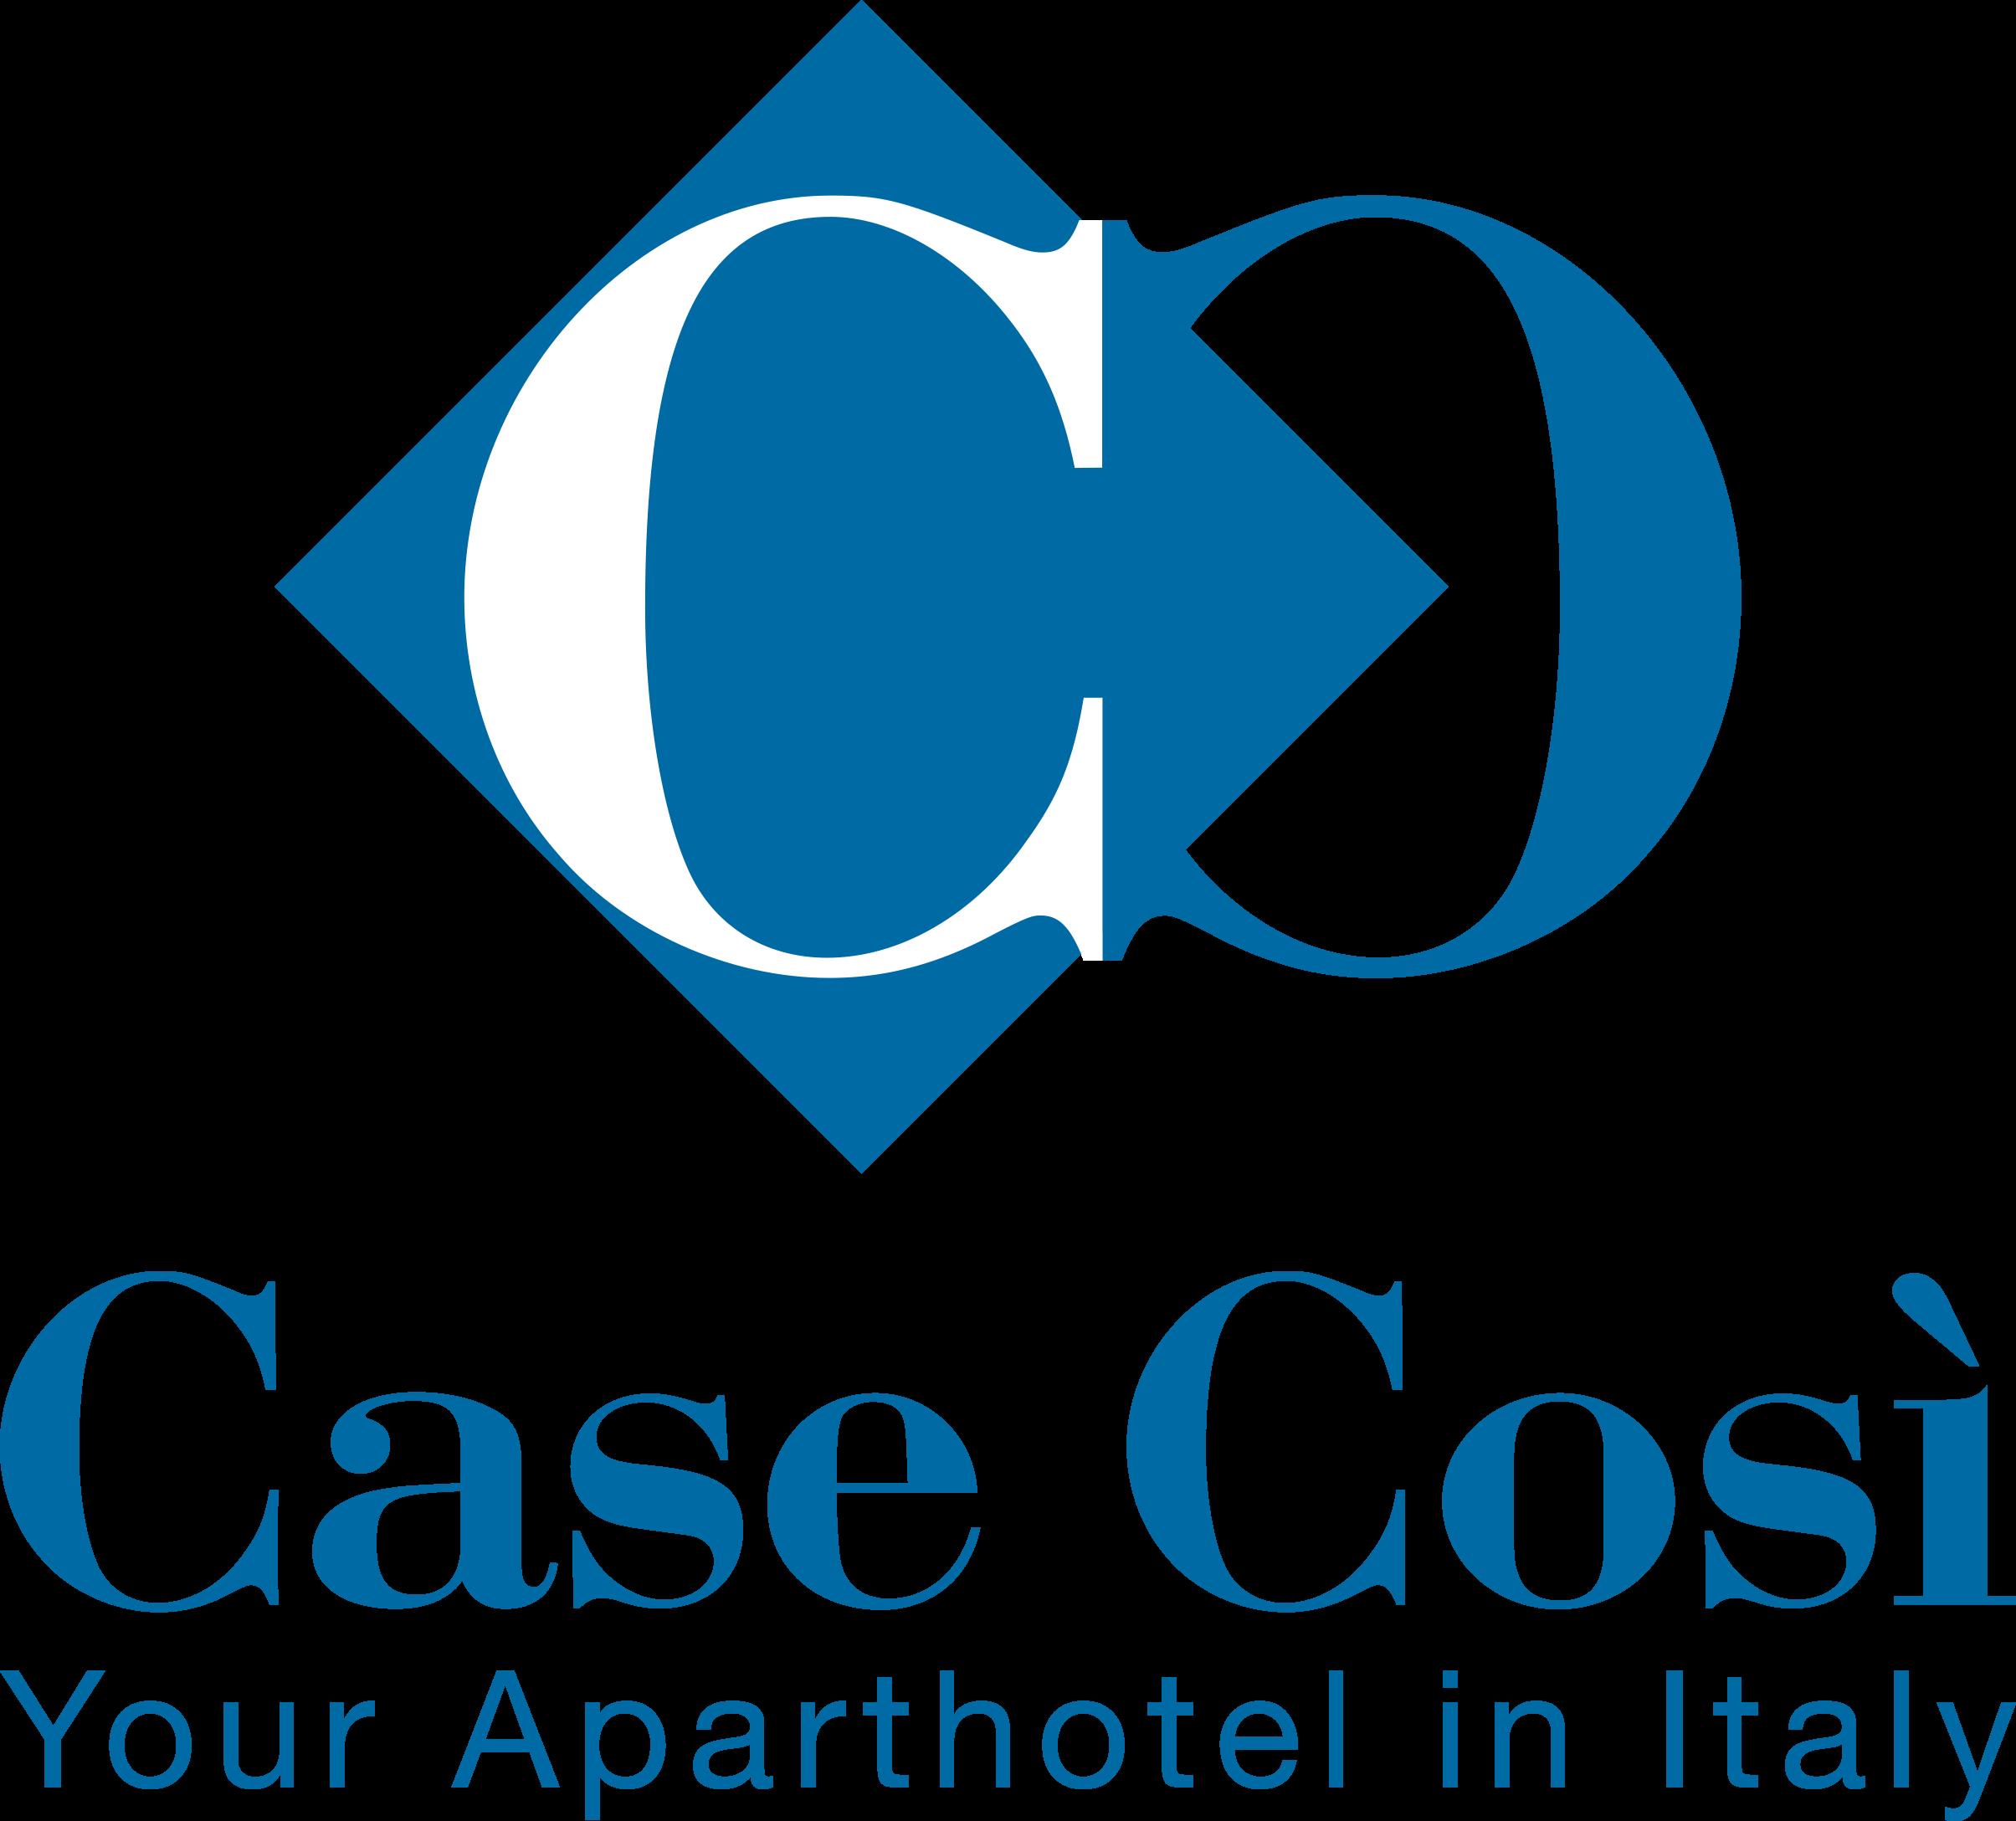 Case Cosi